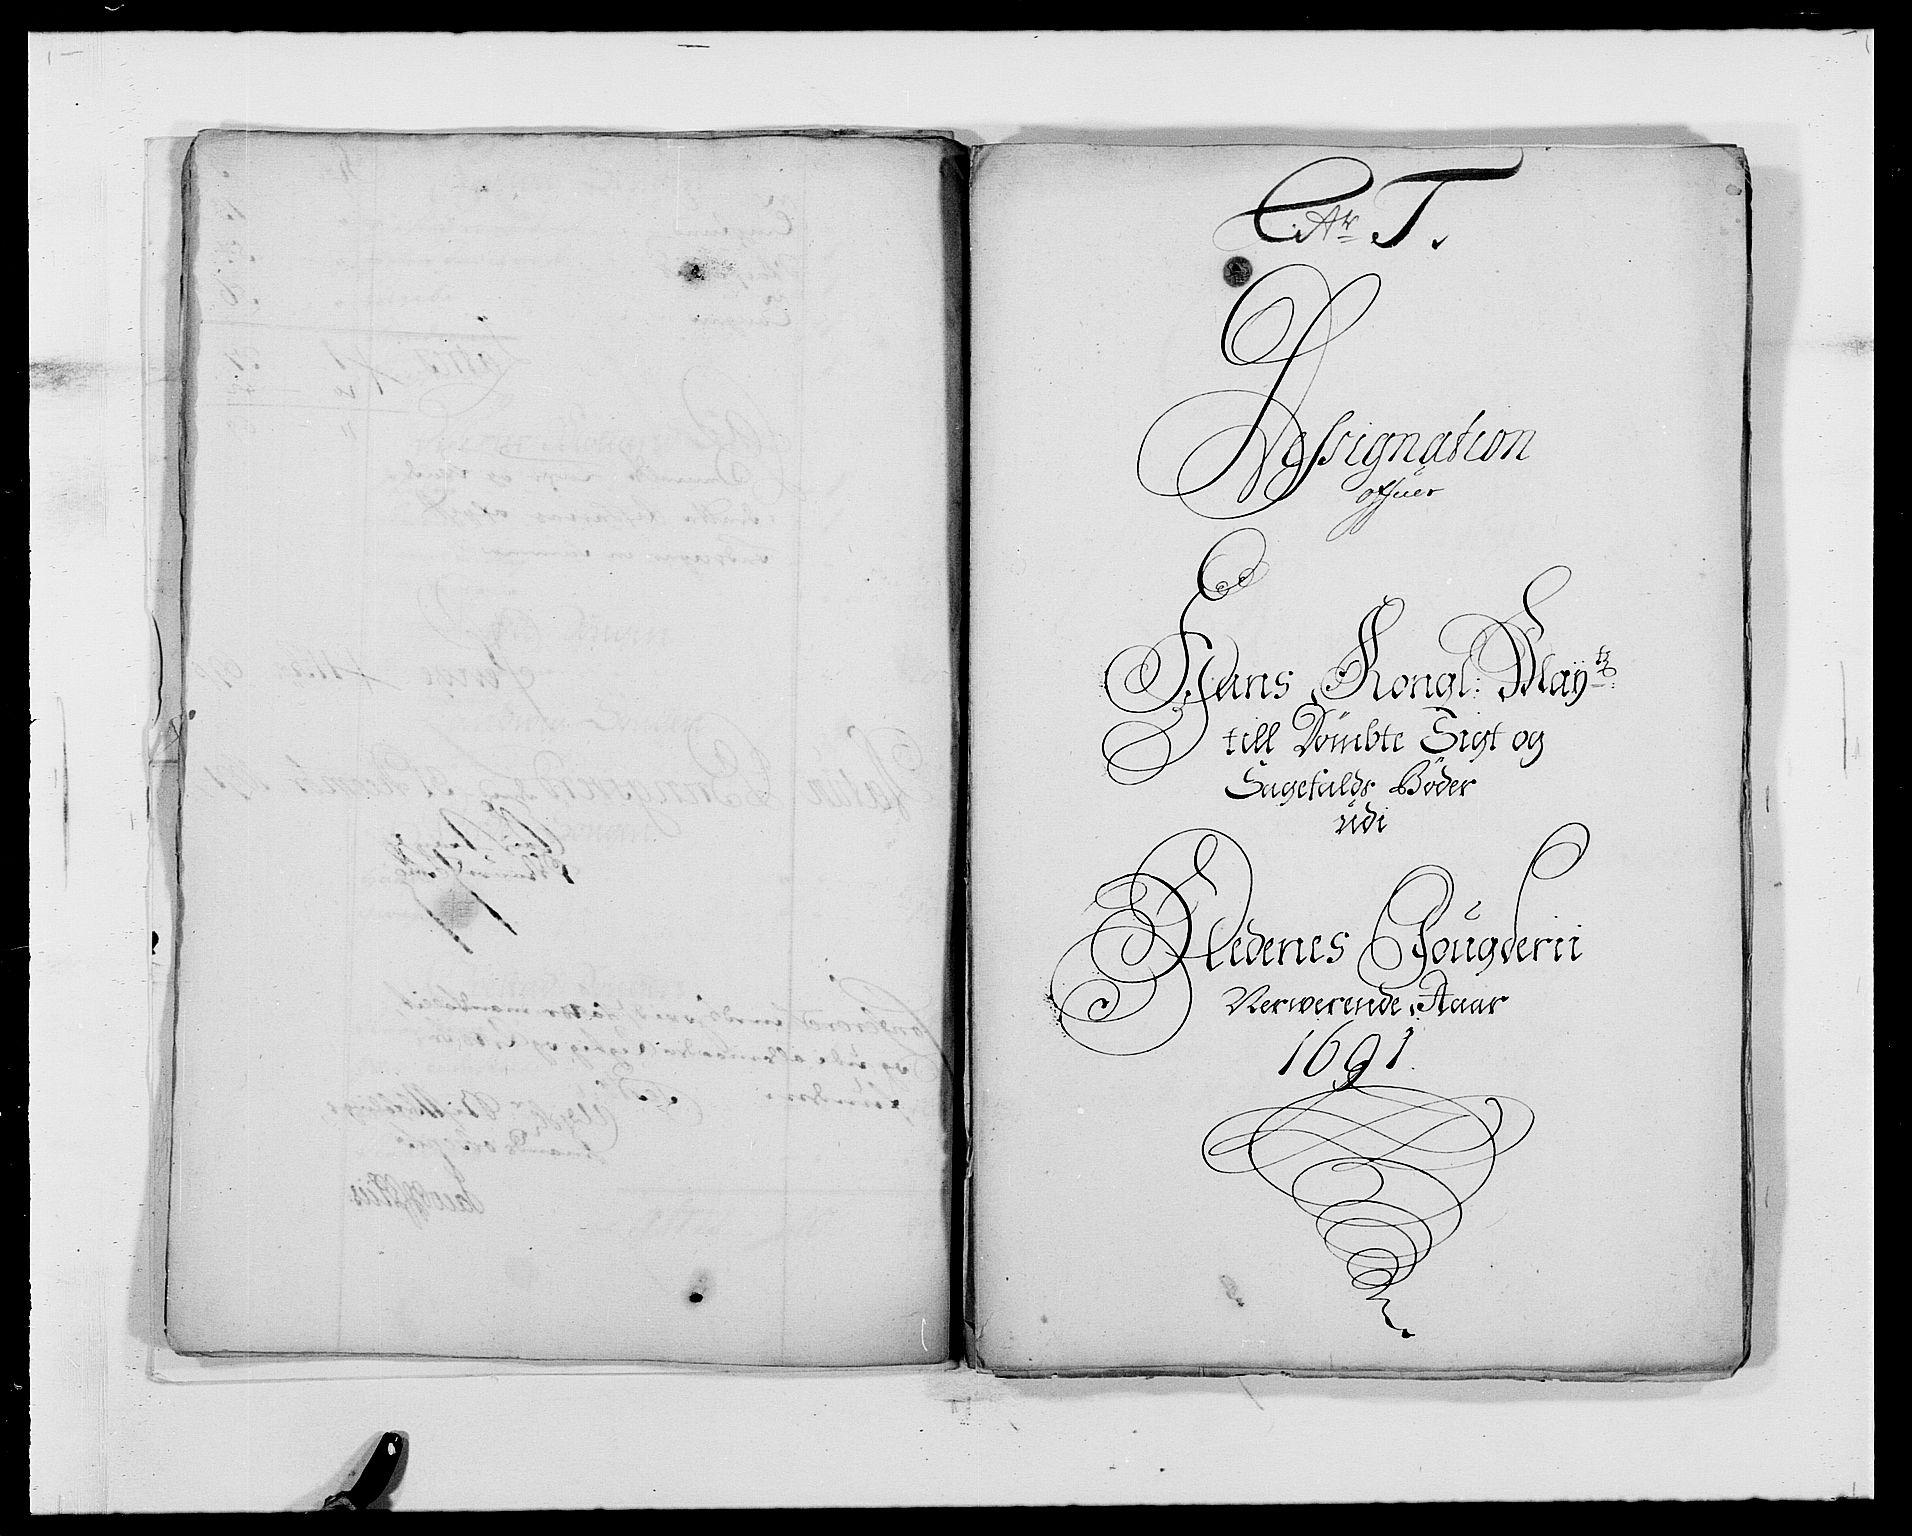 RA, Rentekammeret inntil 1814, Reviderte regnskaper, Fogderegnskap, R39/L2311: Fogderegnskap Nedenes, 1690-1692, s. 16